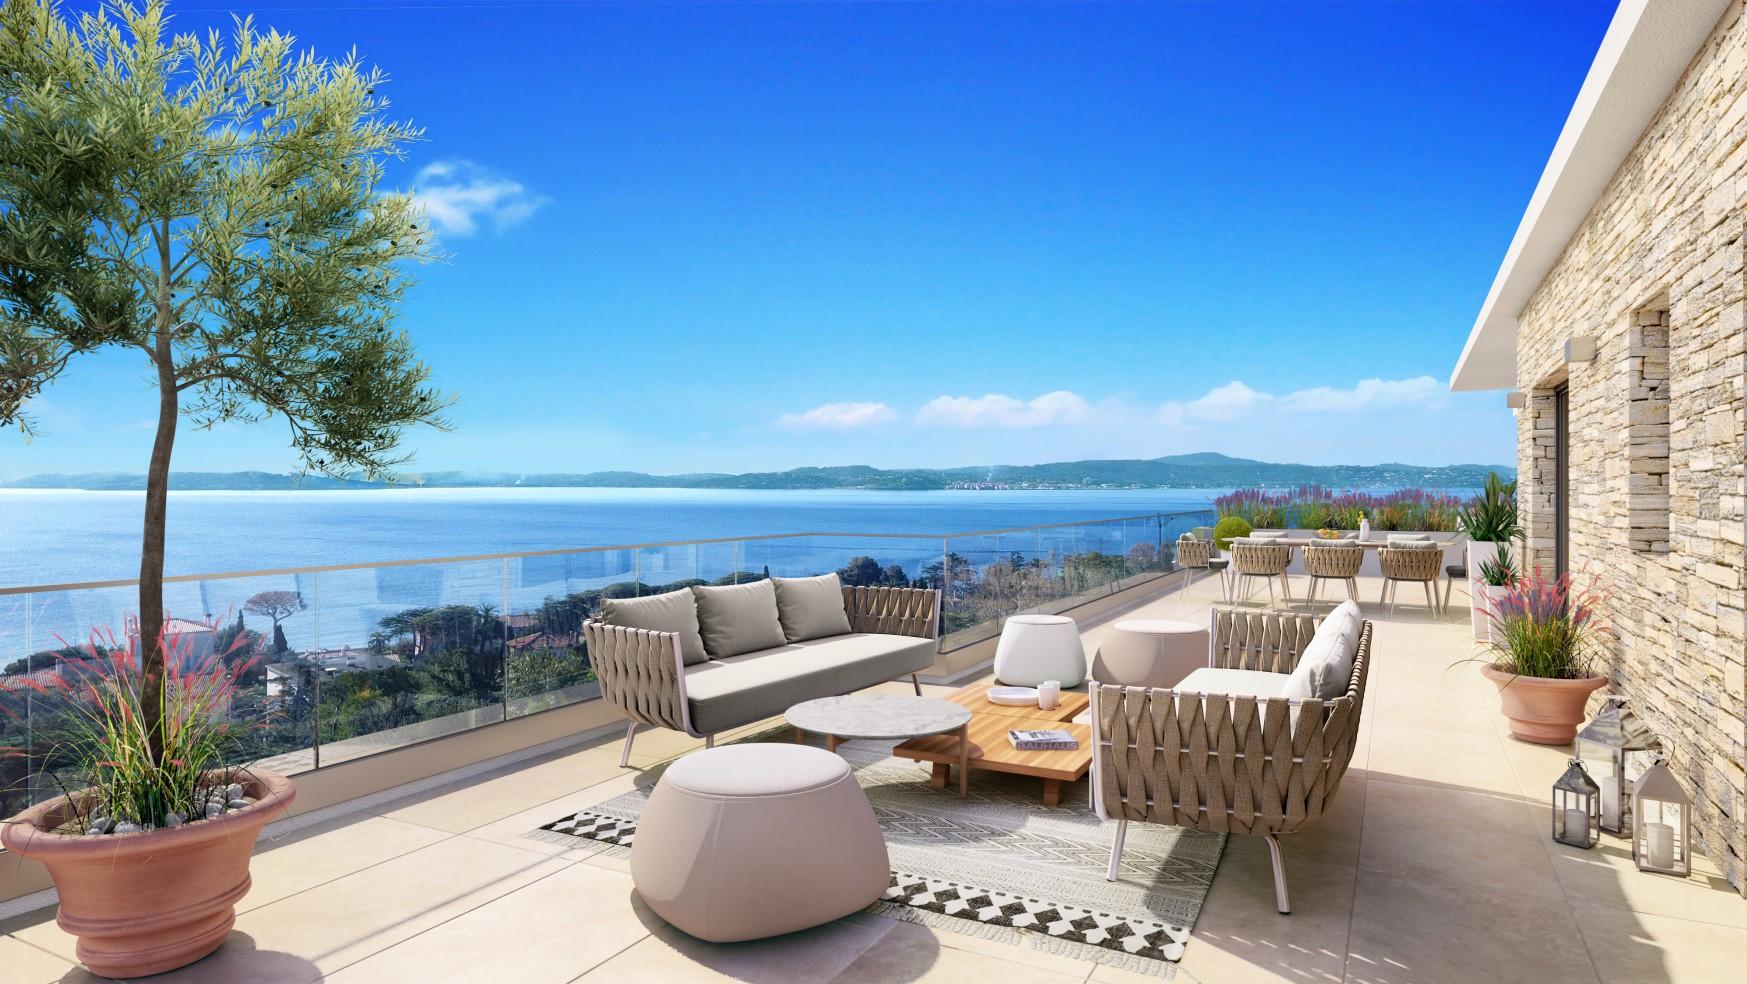 Programme immobilier Sainte Maxime (83120) Résidence de luxe  PI23